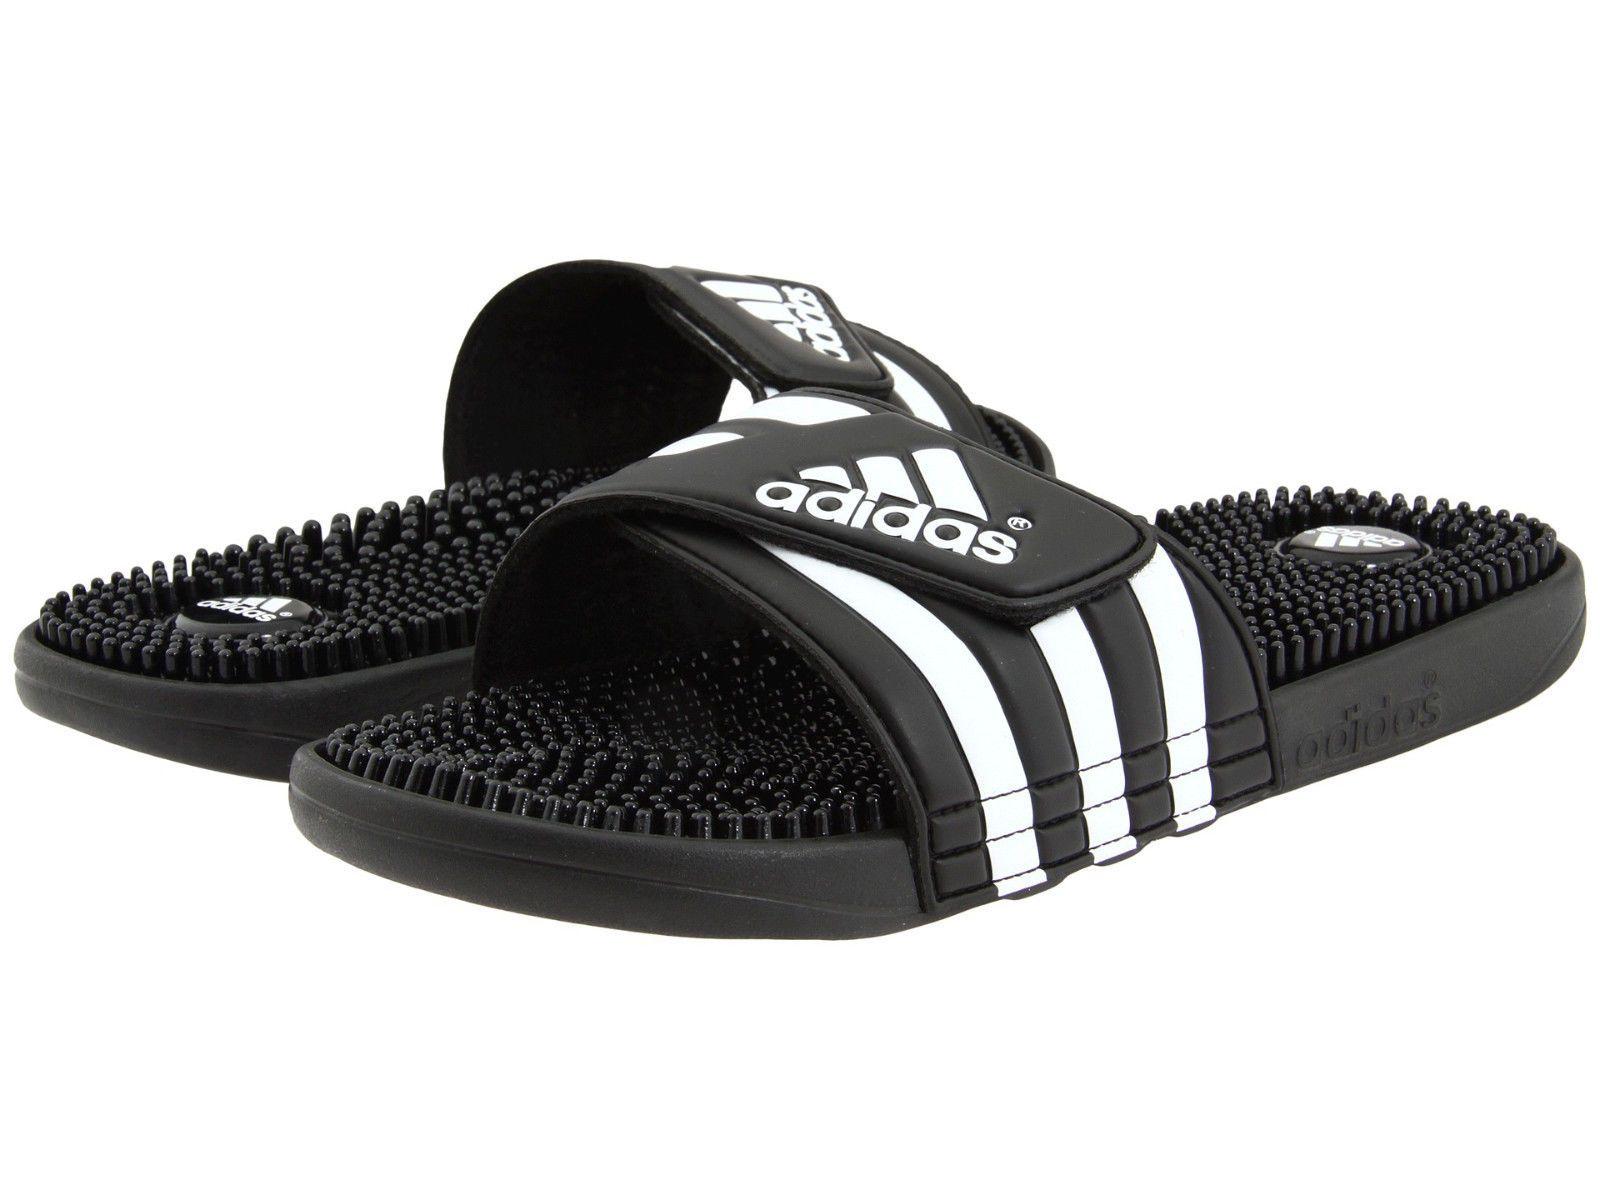 Adidas Athletic Sandals barato > off44% el mayor catalogo de descuentos